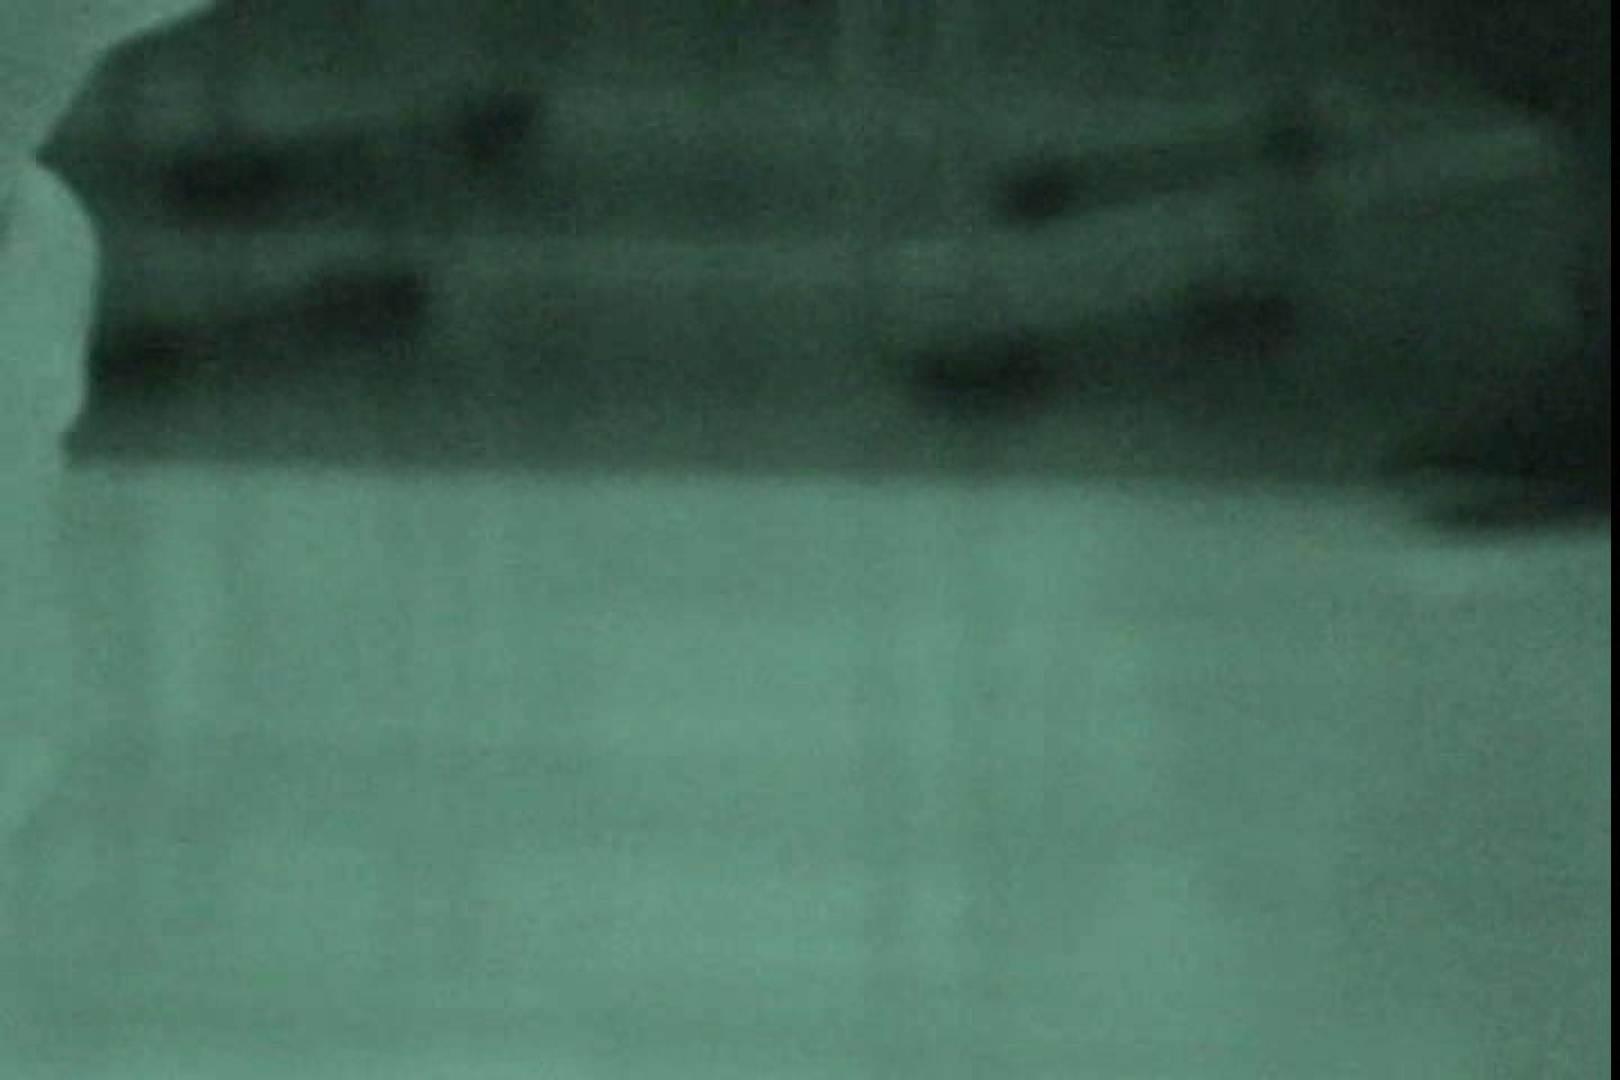 赤外線ムレスケバレー(汗) vol.04 OLのエロ生活 性交動画流出 99連発 35